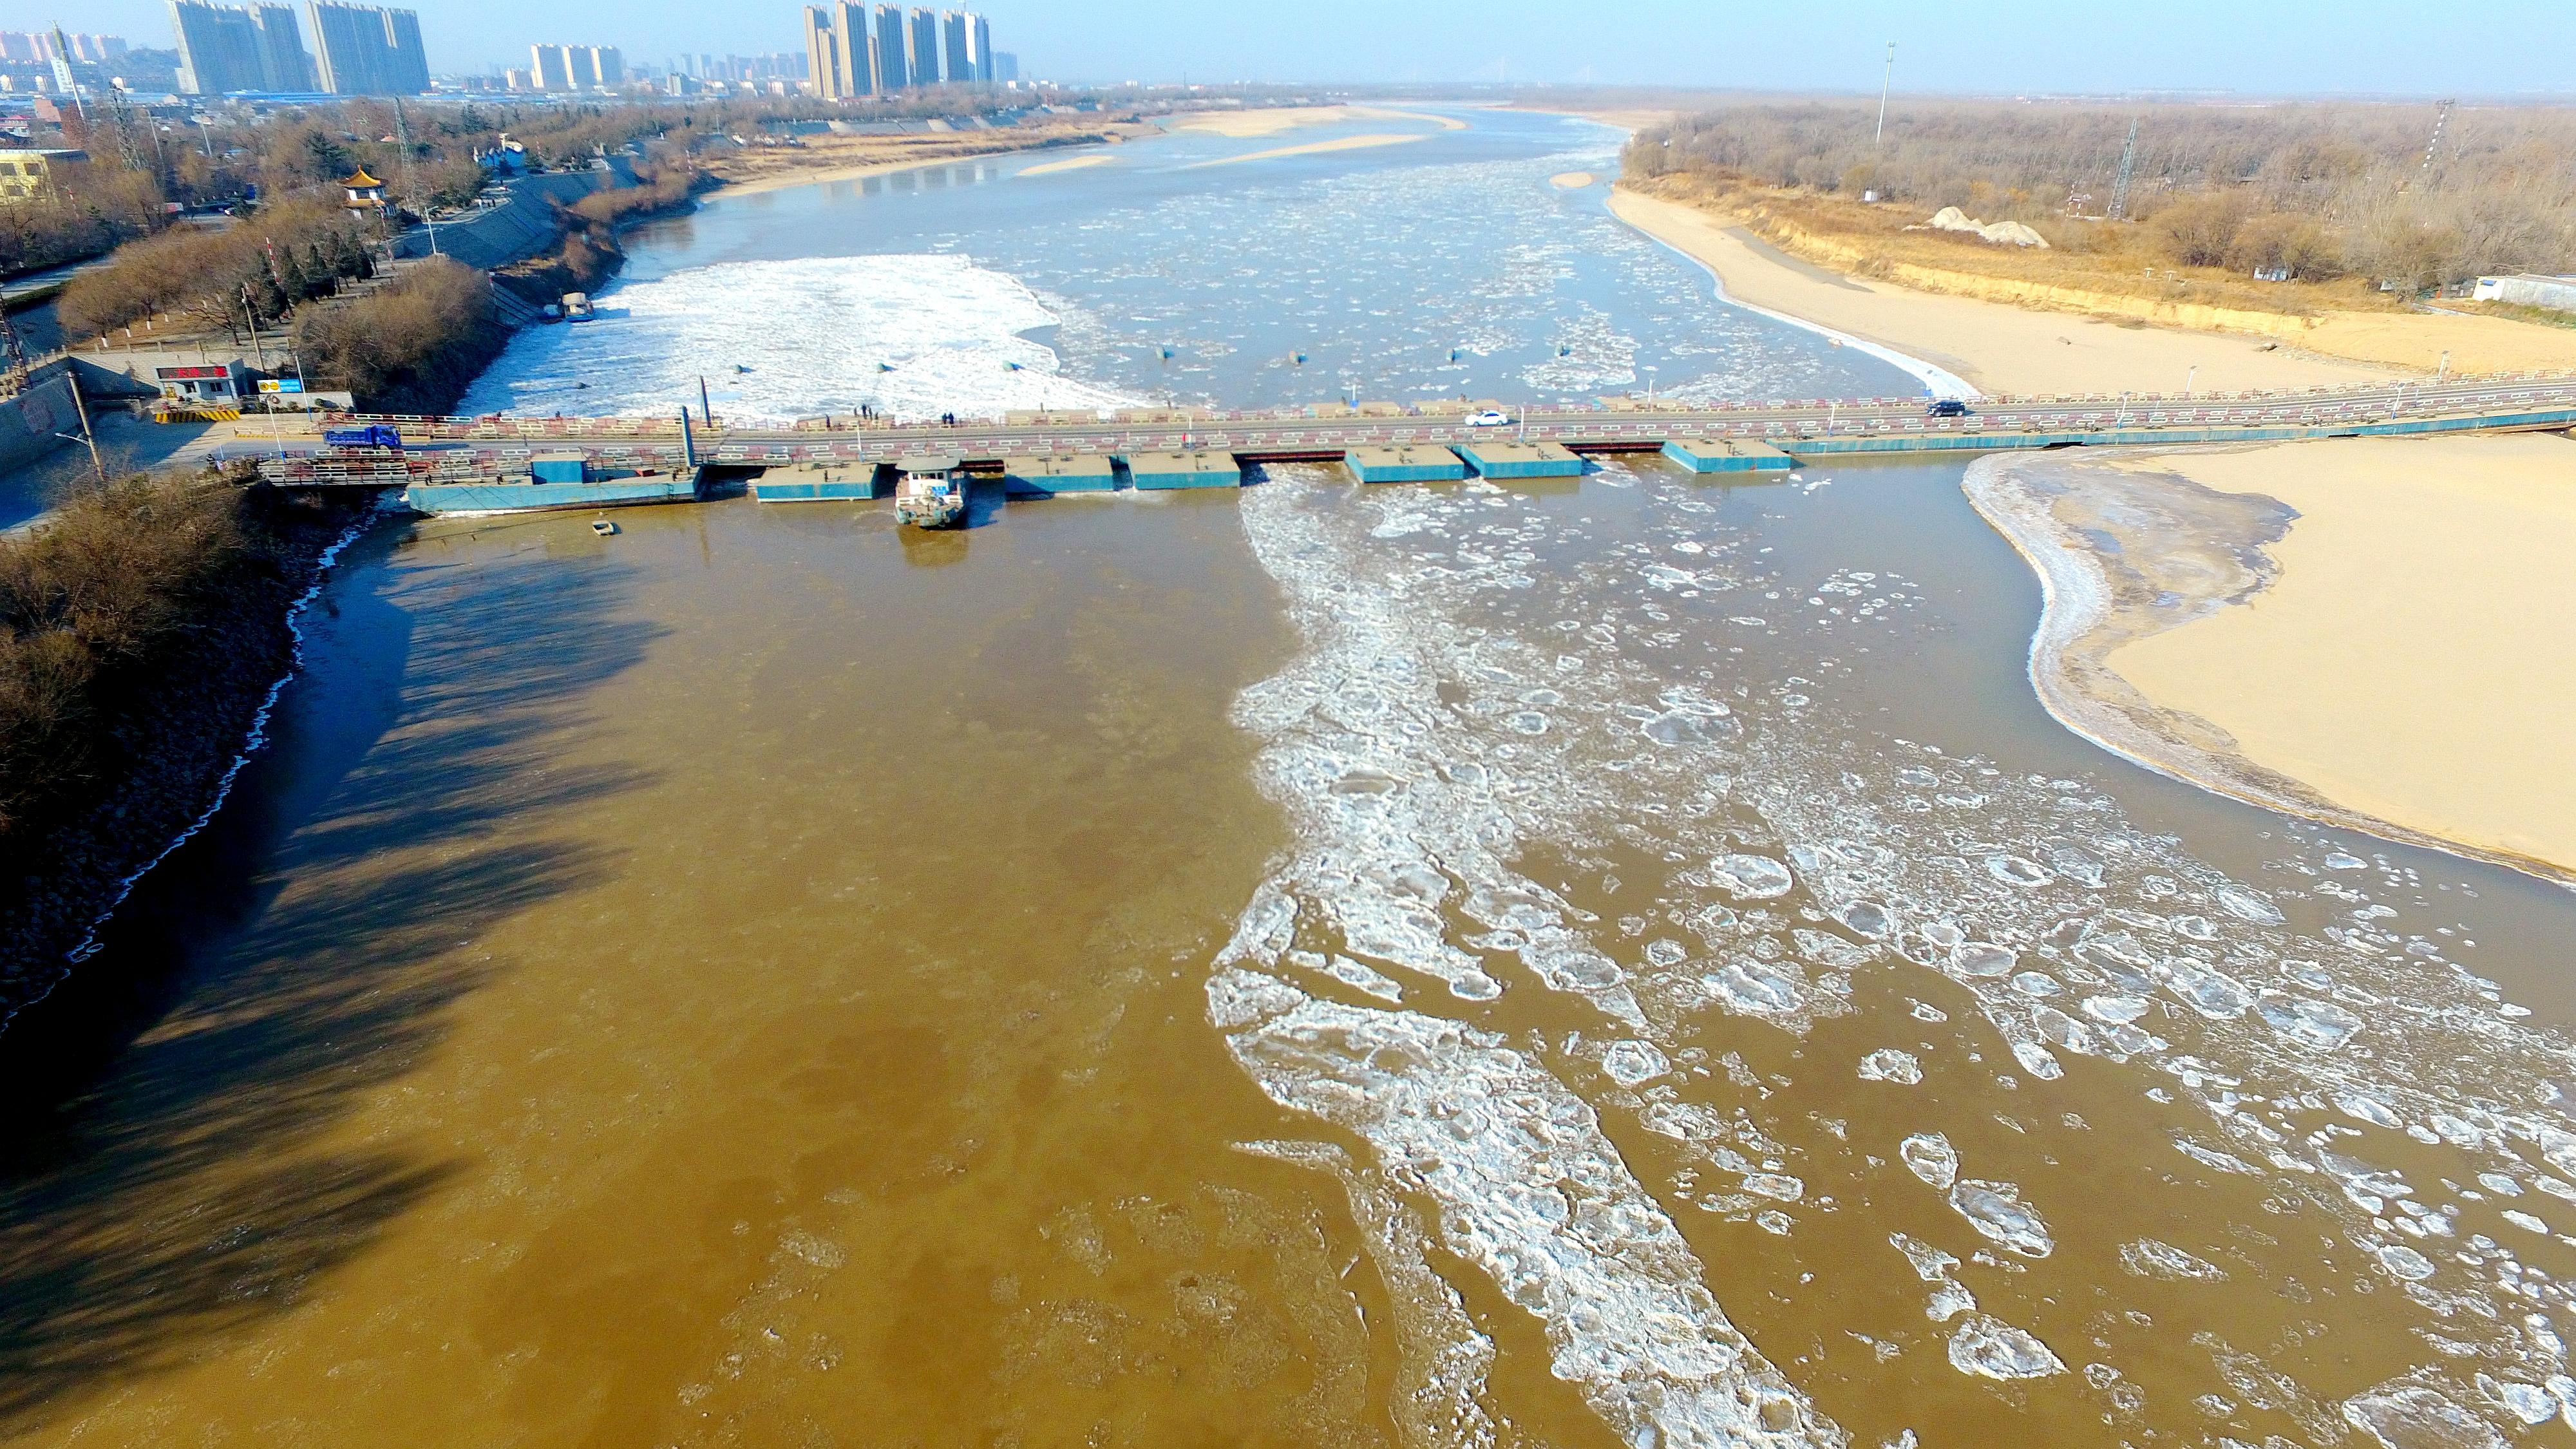 瞰新闻丨黄河济南段冰凌发展迅猛 泺口黄河浮桥拆除